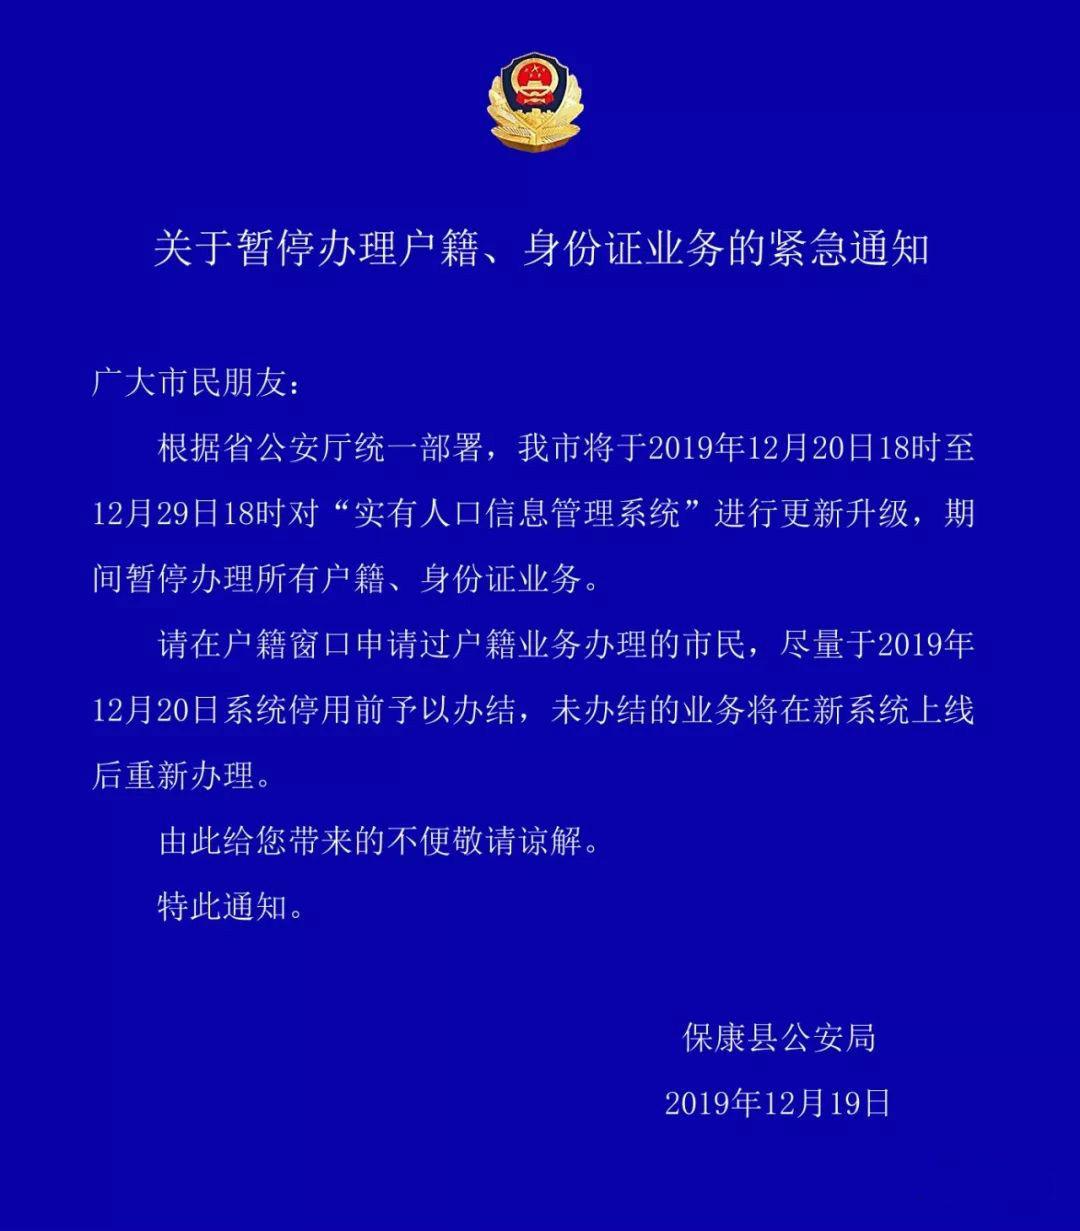 保康人口_揭秘 襄阳这位书记将获全国表彰